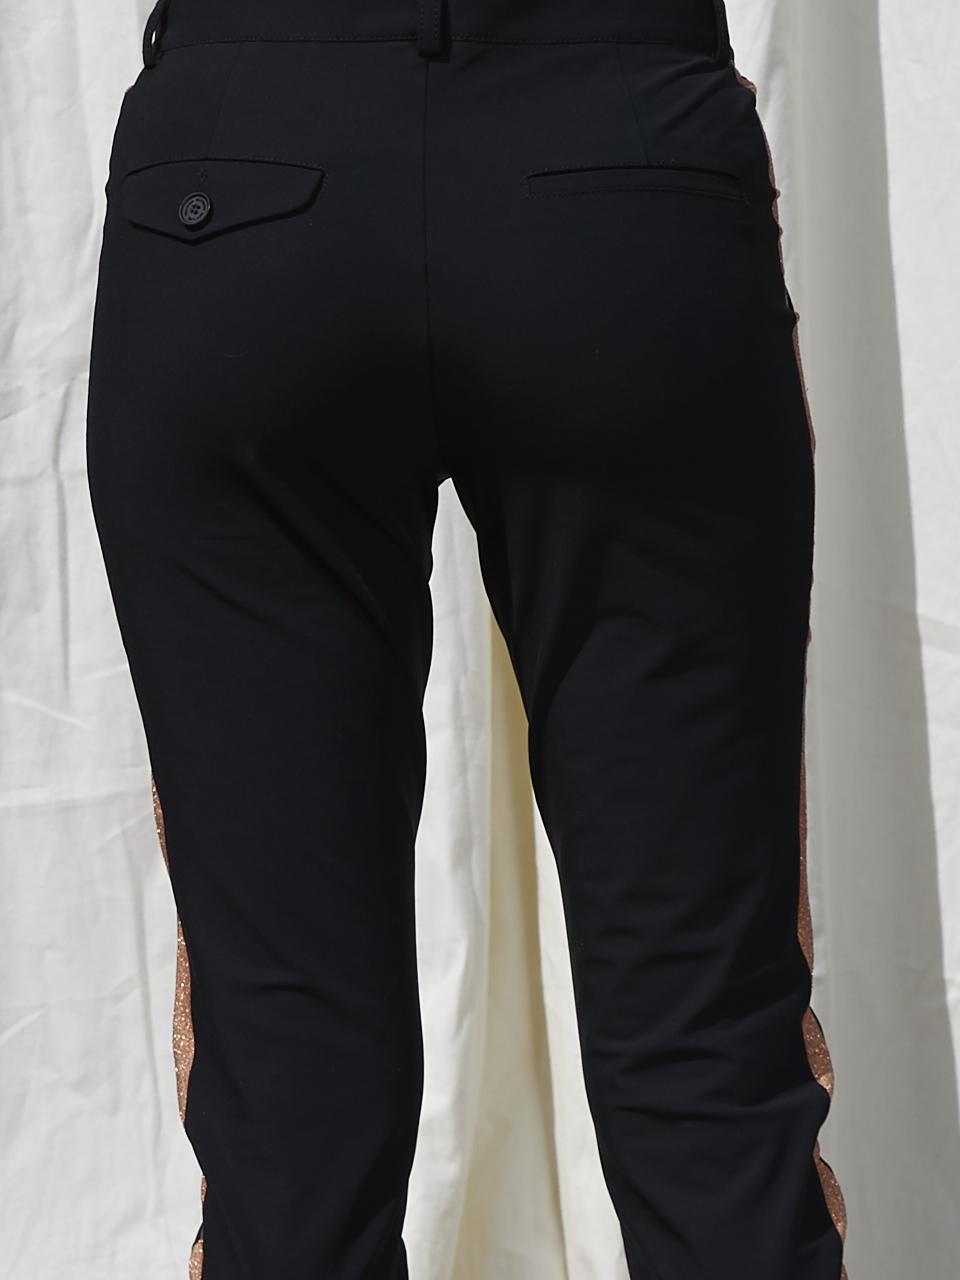 PANTS N396